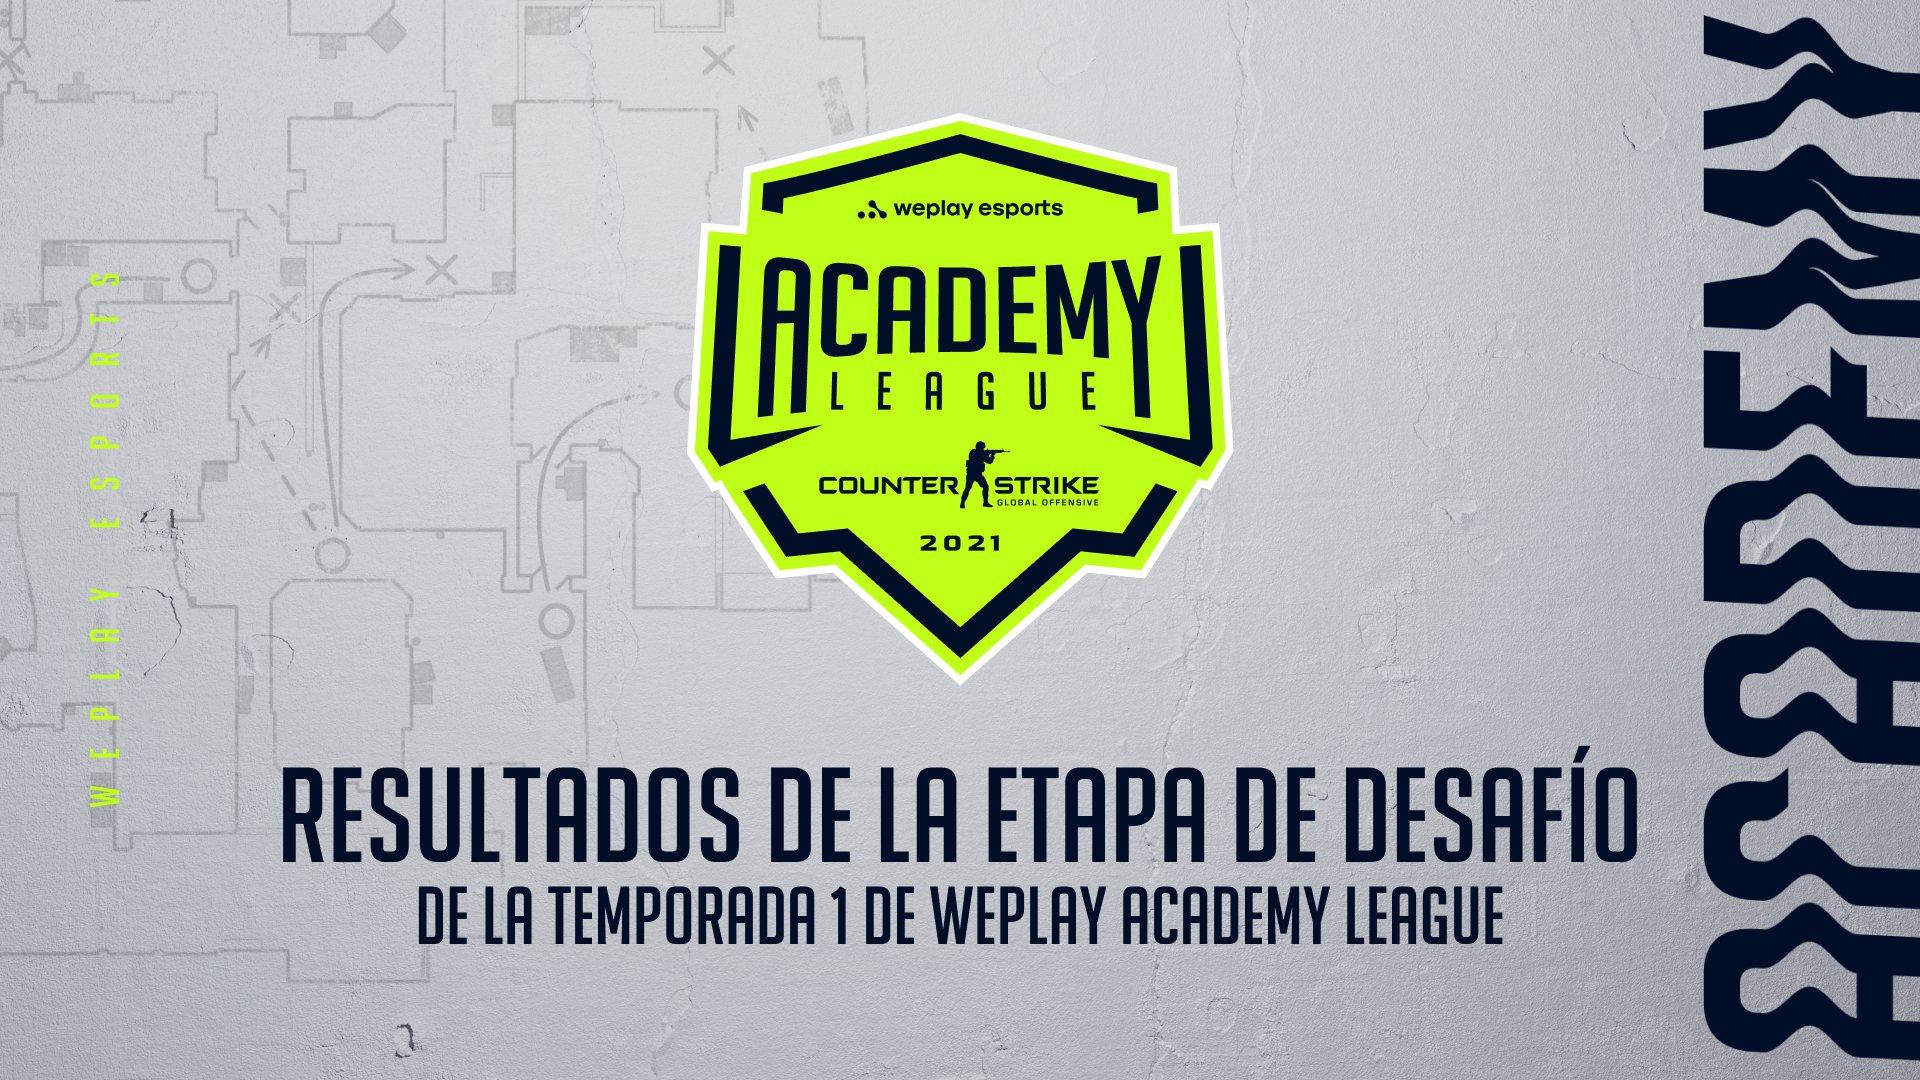 Resultados de la Etapa de desafío de la Temporada 1 de la liga WePlay Academy League. Imagen: WePlay Holding